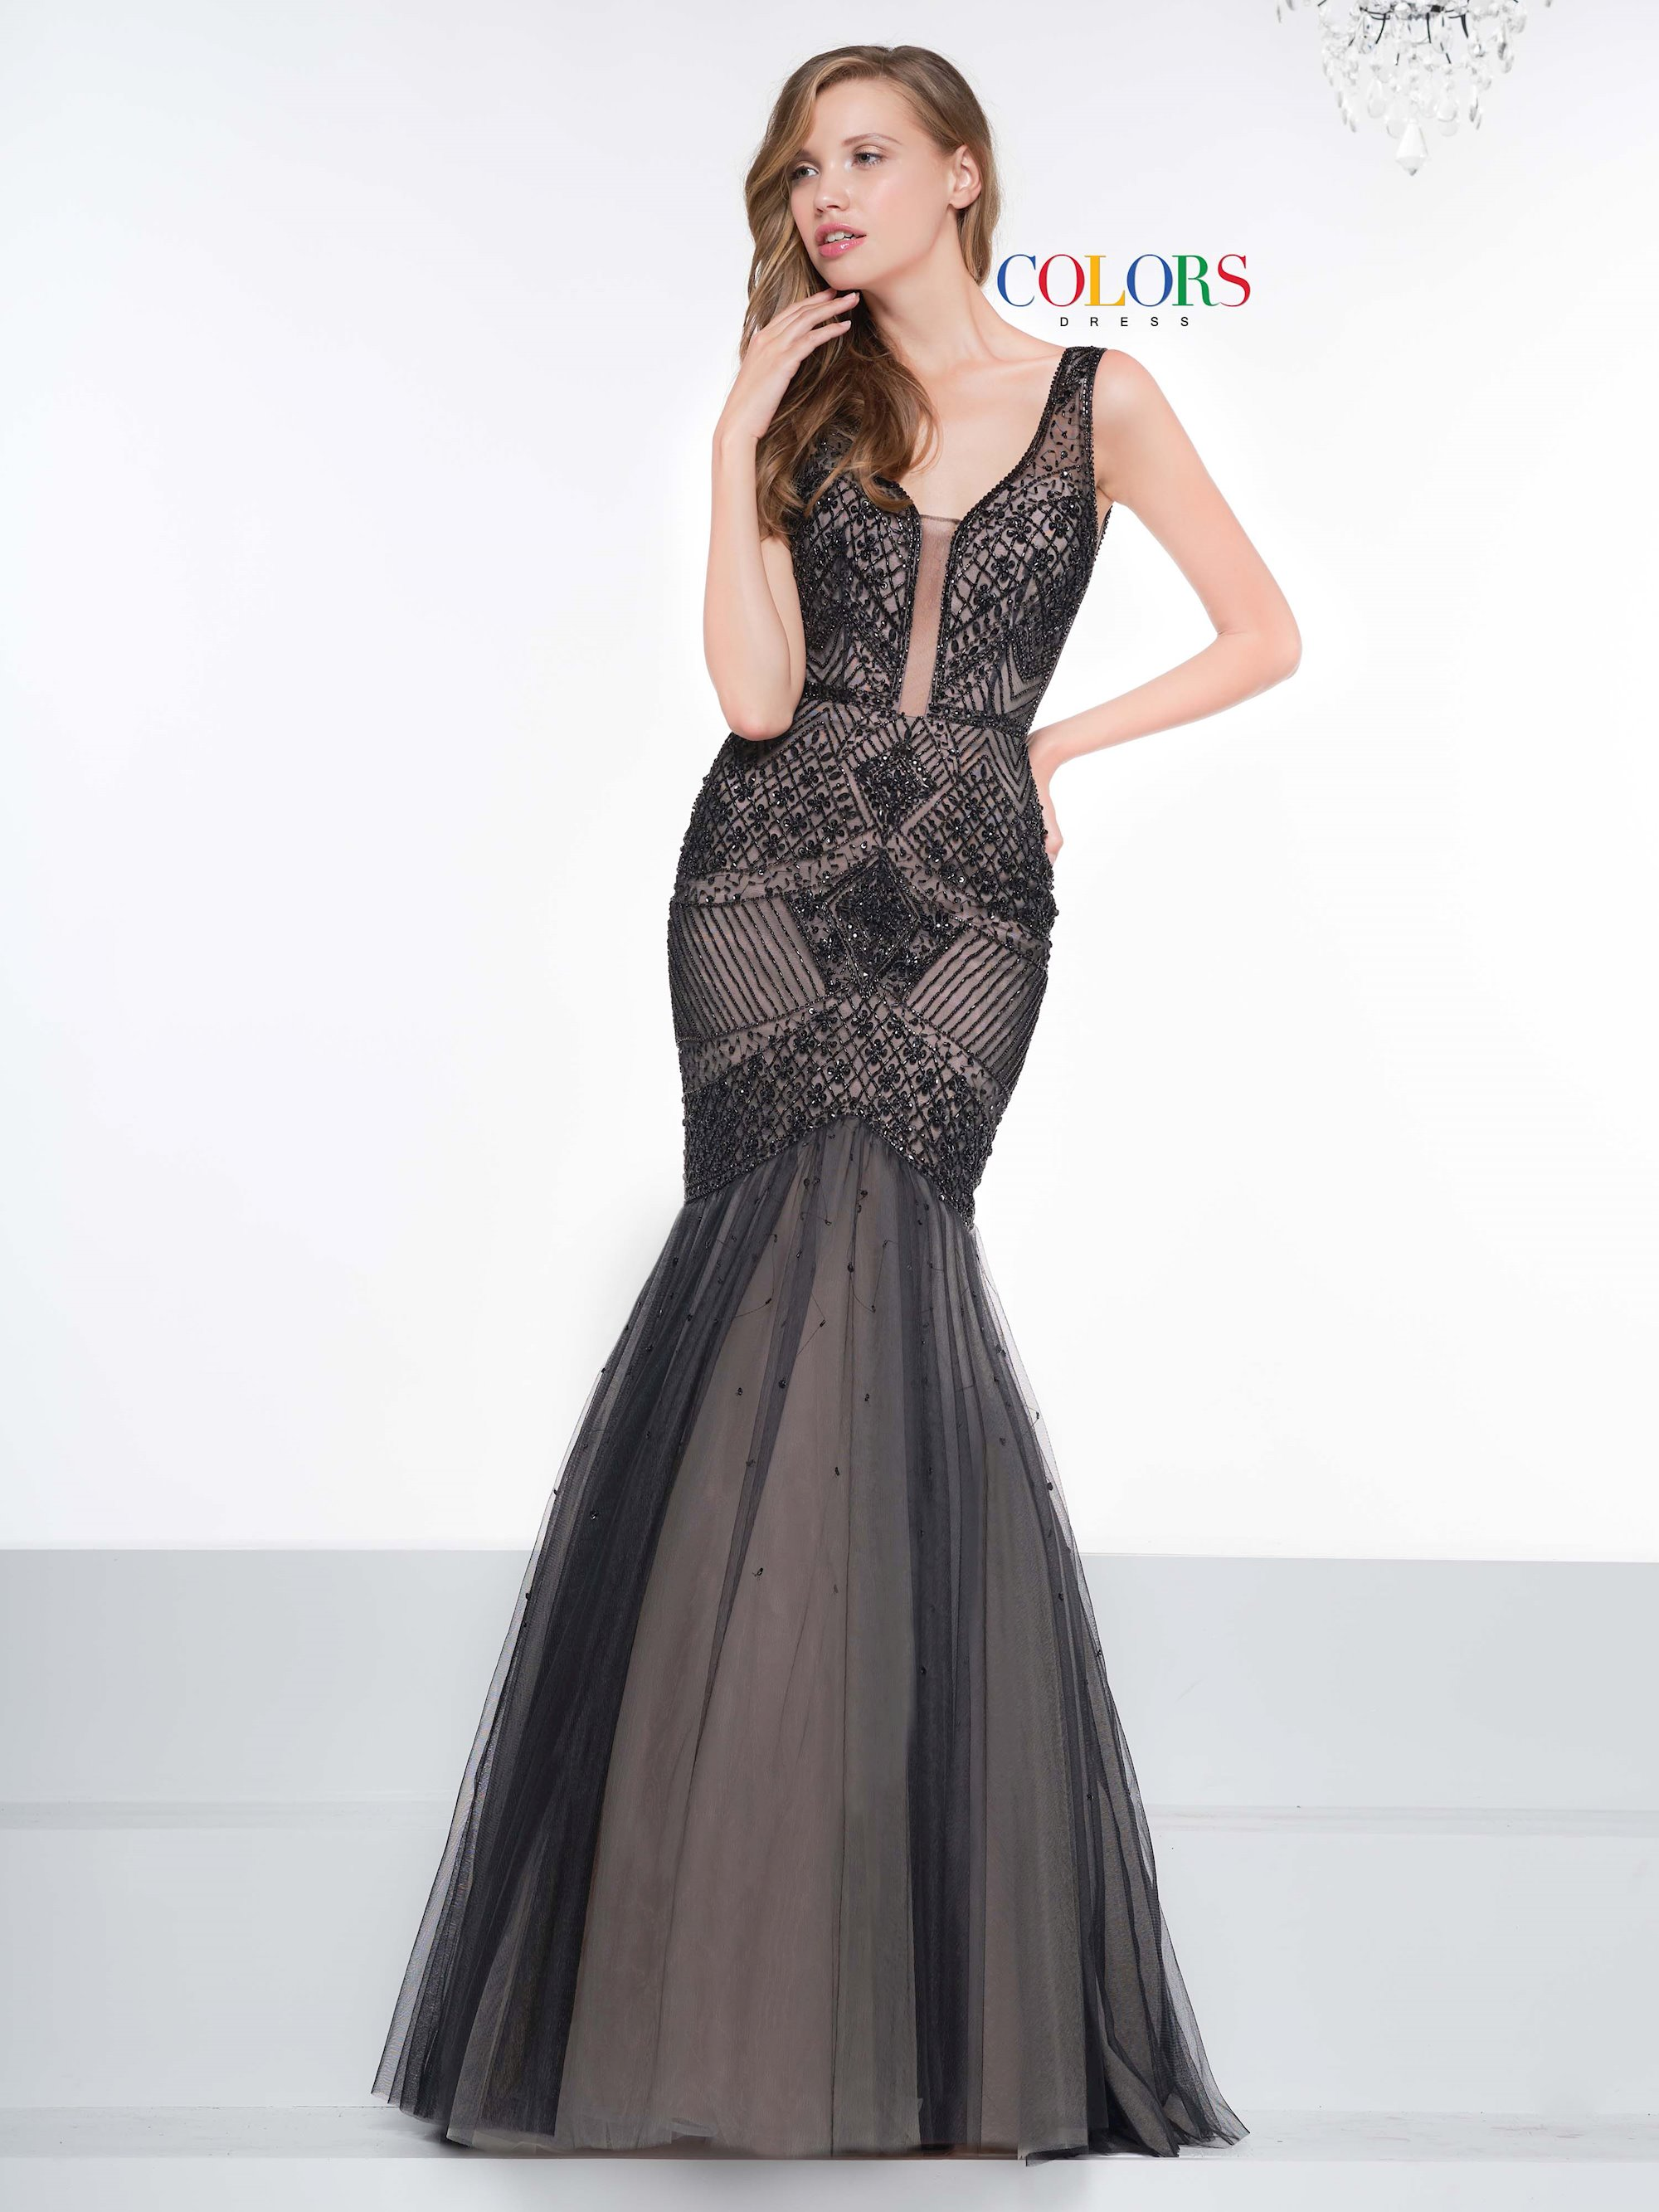 de551b0a30 Colors Dress 2060. Double tap to zoom